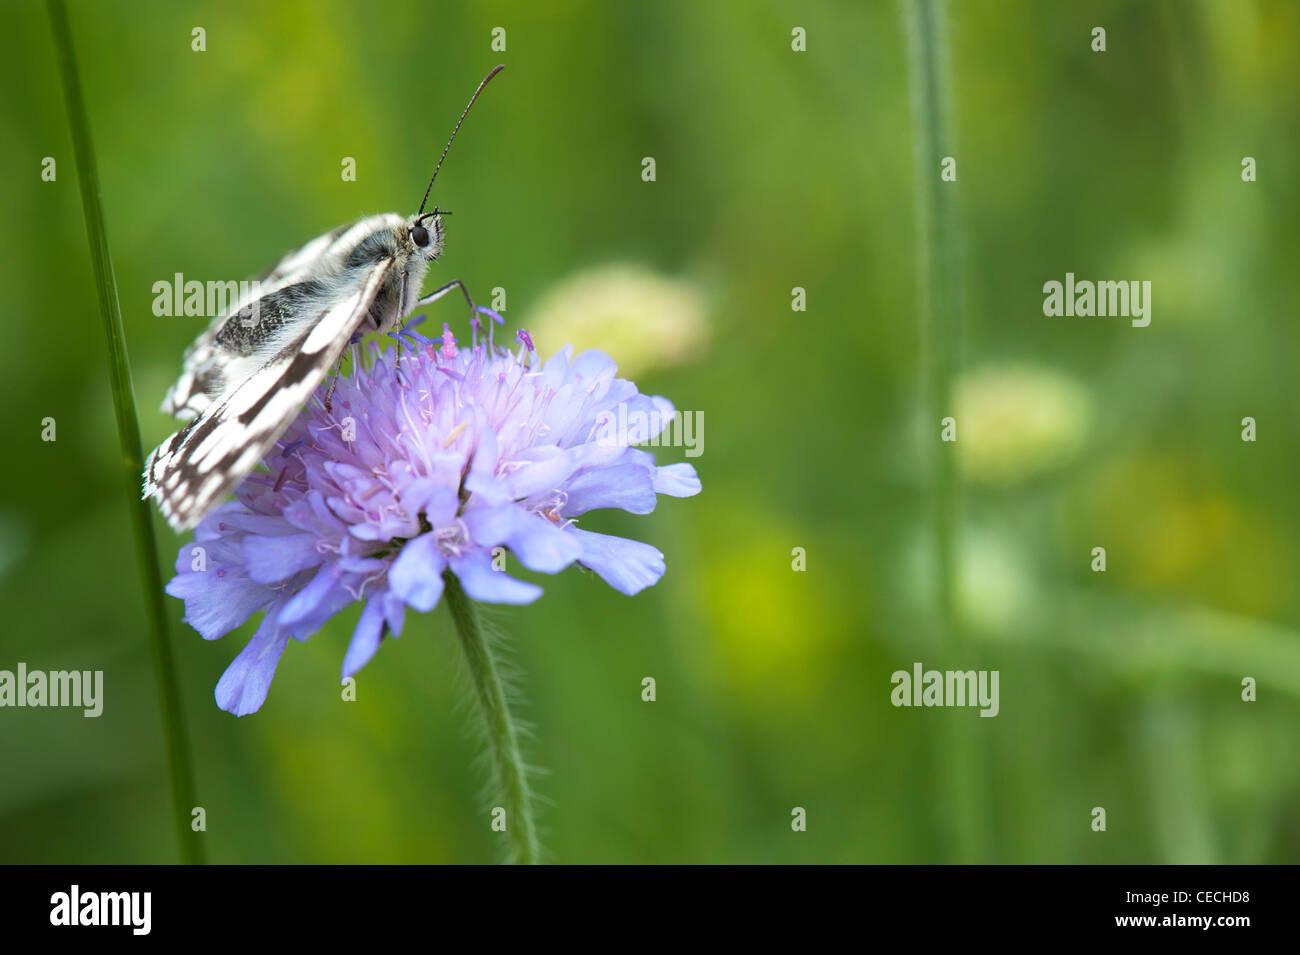 Melanargia galathea. Marmor weiß Schmetterling auf Feld-witwenblume Blume in der englischen Landschaft Stockbild